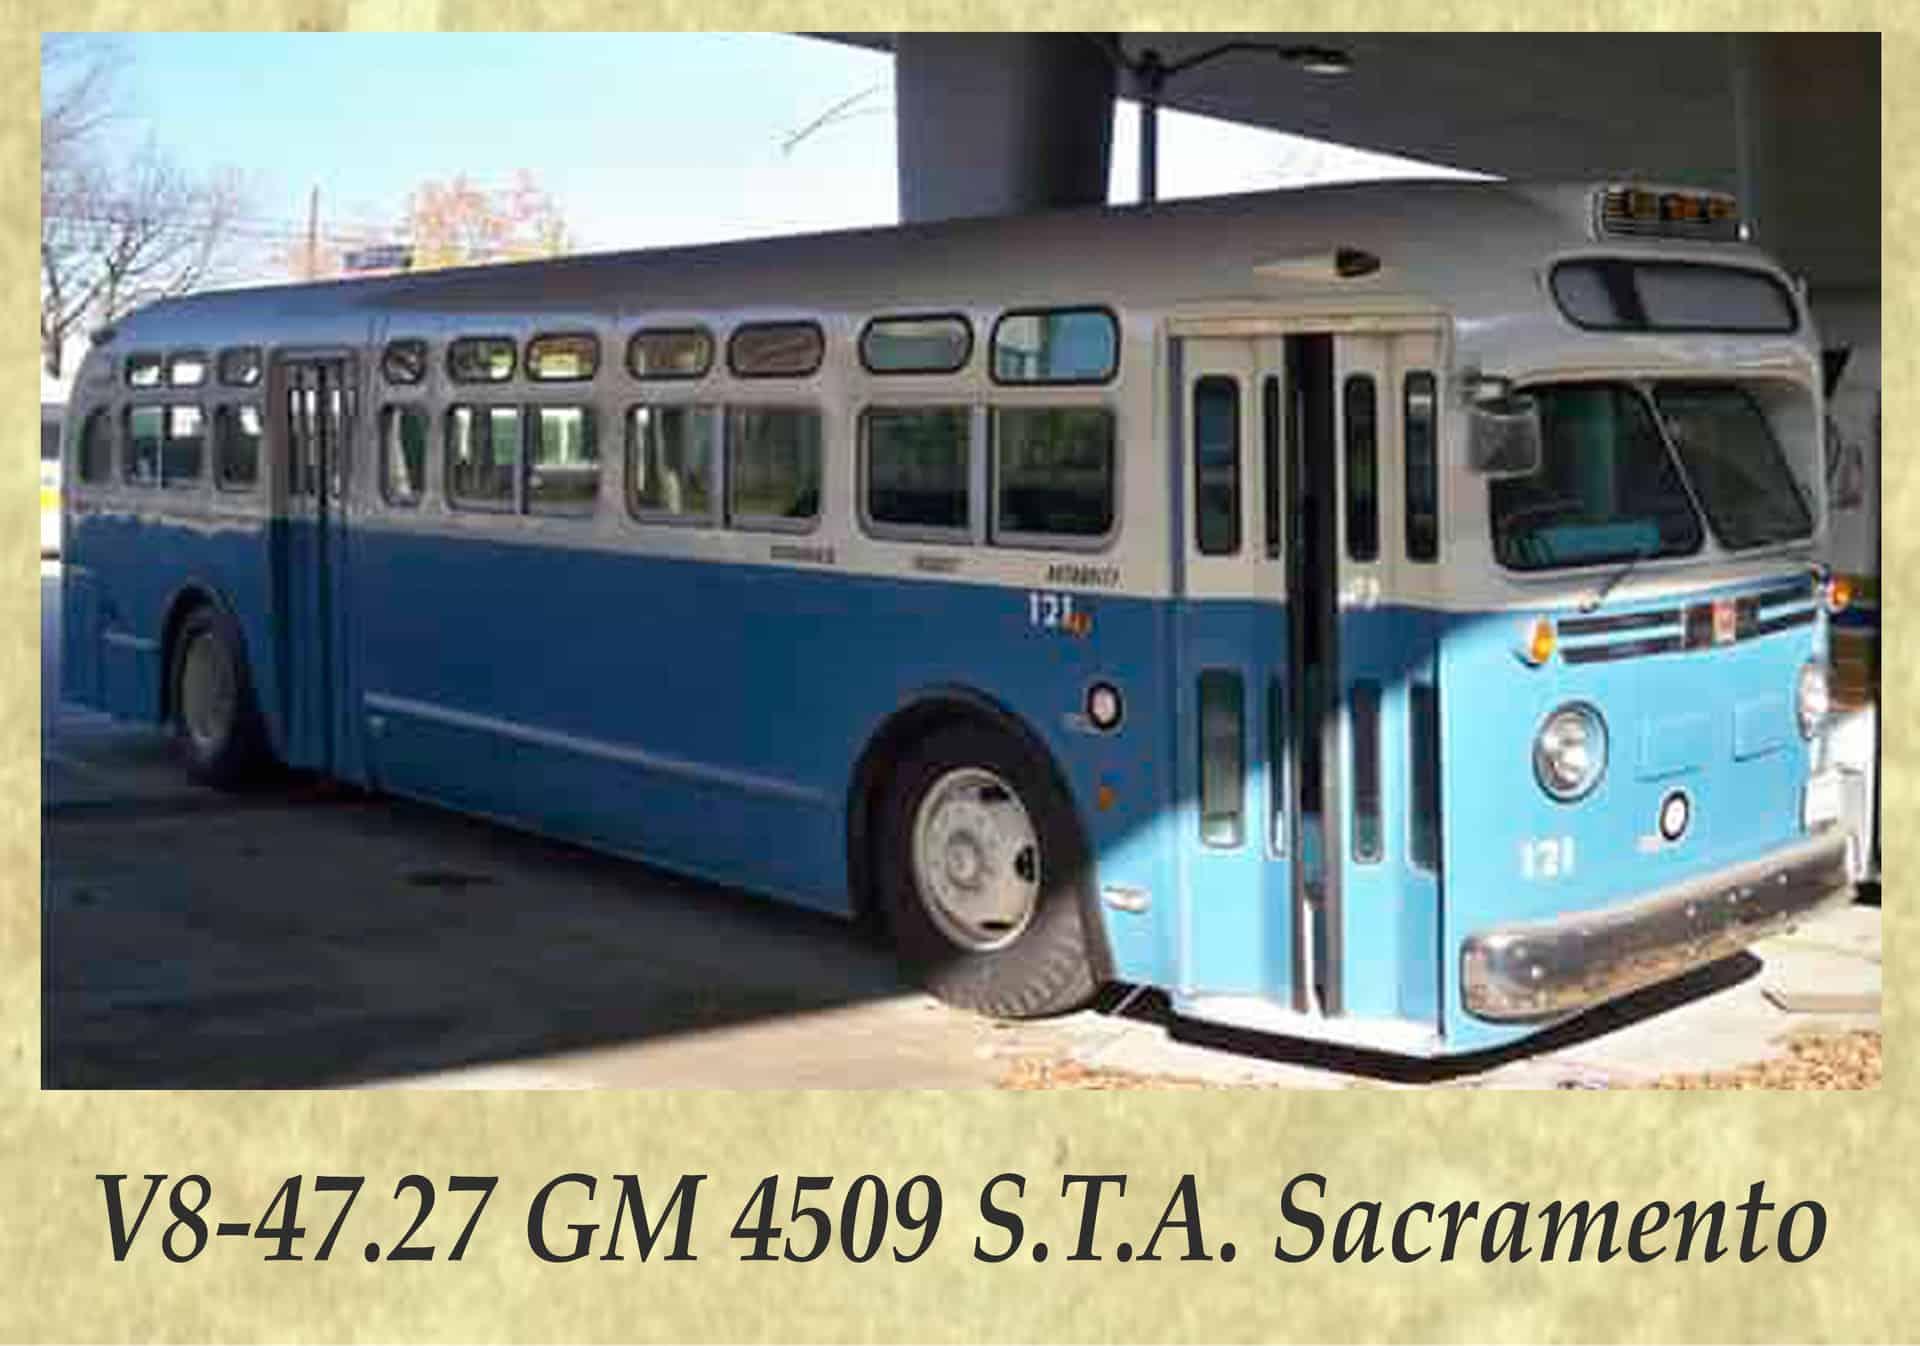 V8-47.27 GM 4509 S.T.A. Sacramento